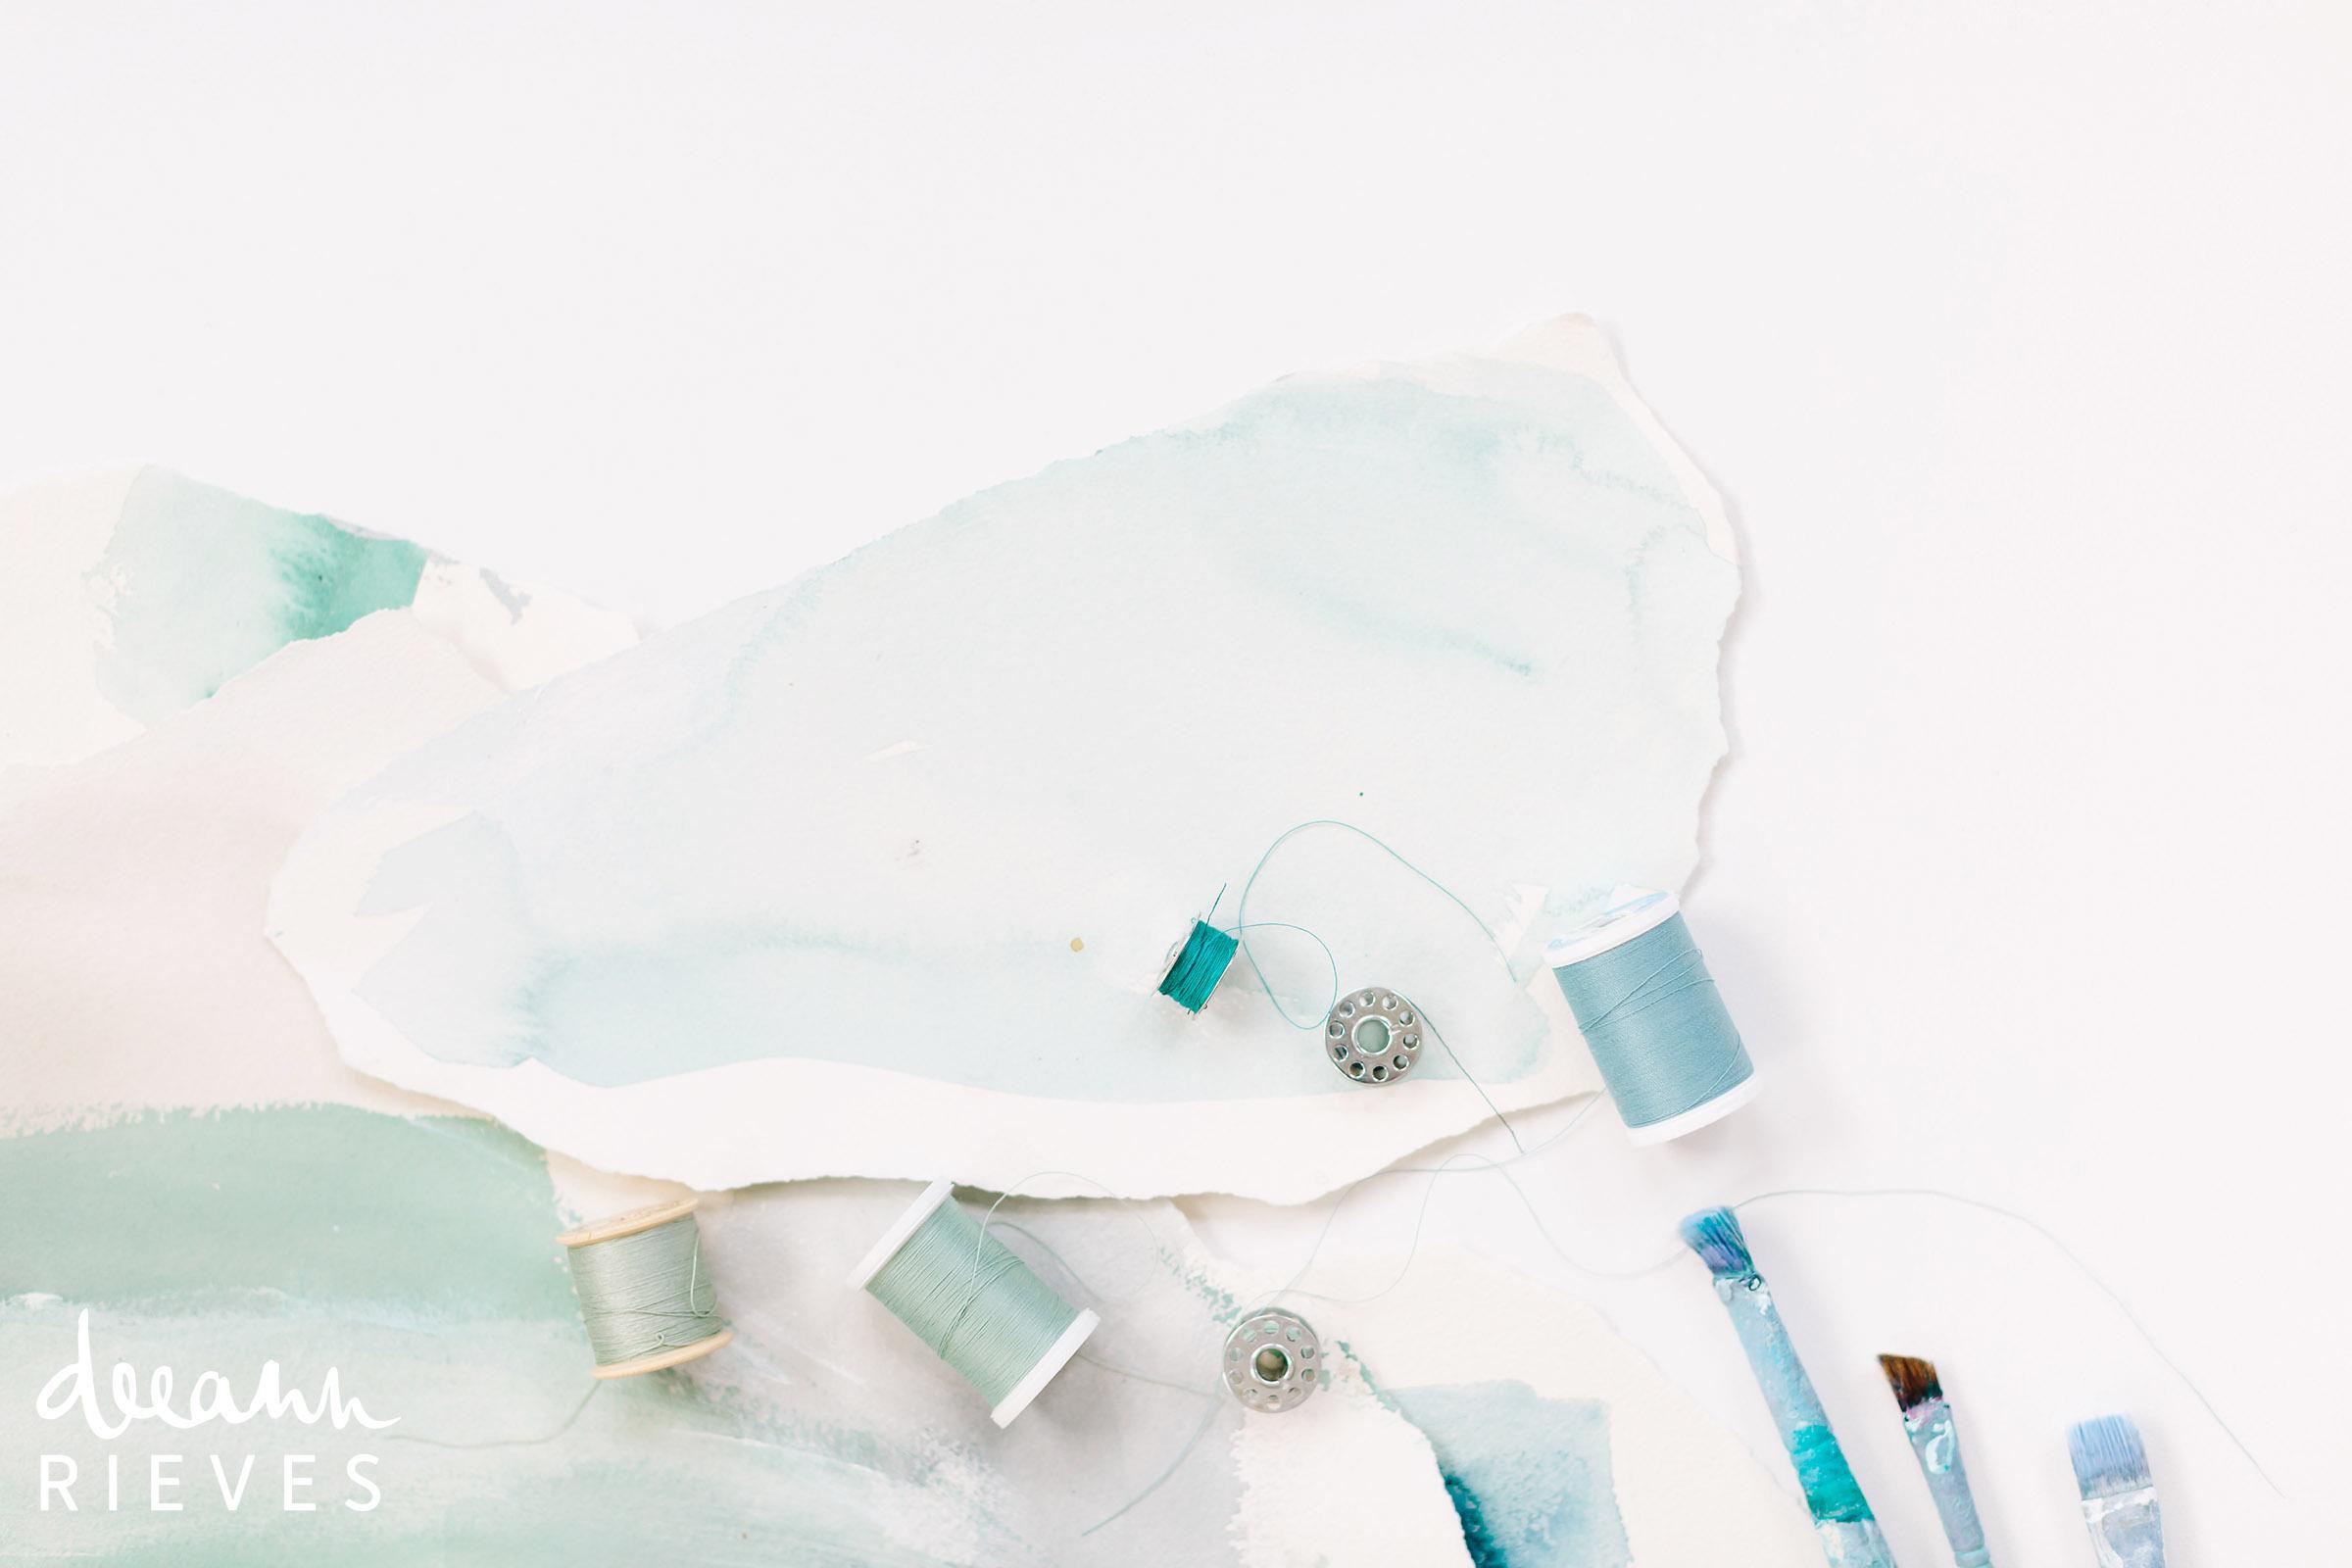 deeann-rieves-green-blue-art-table-desktop.jpg